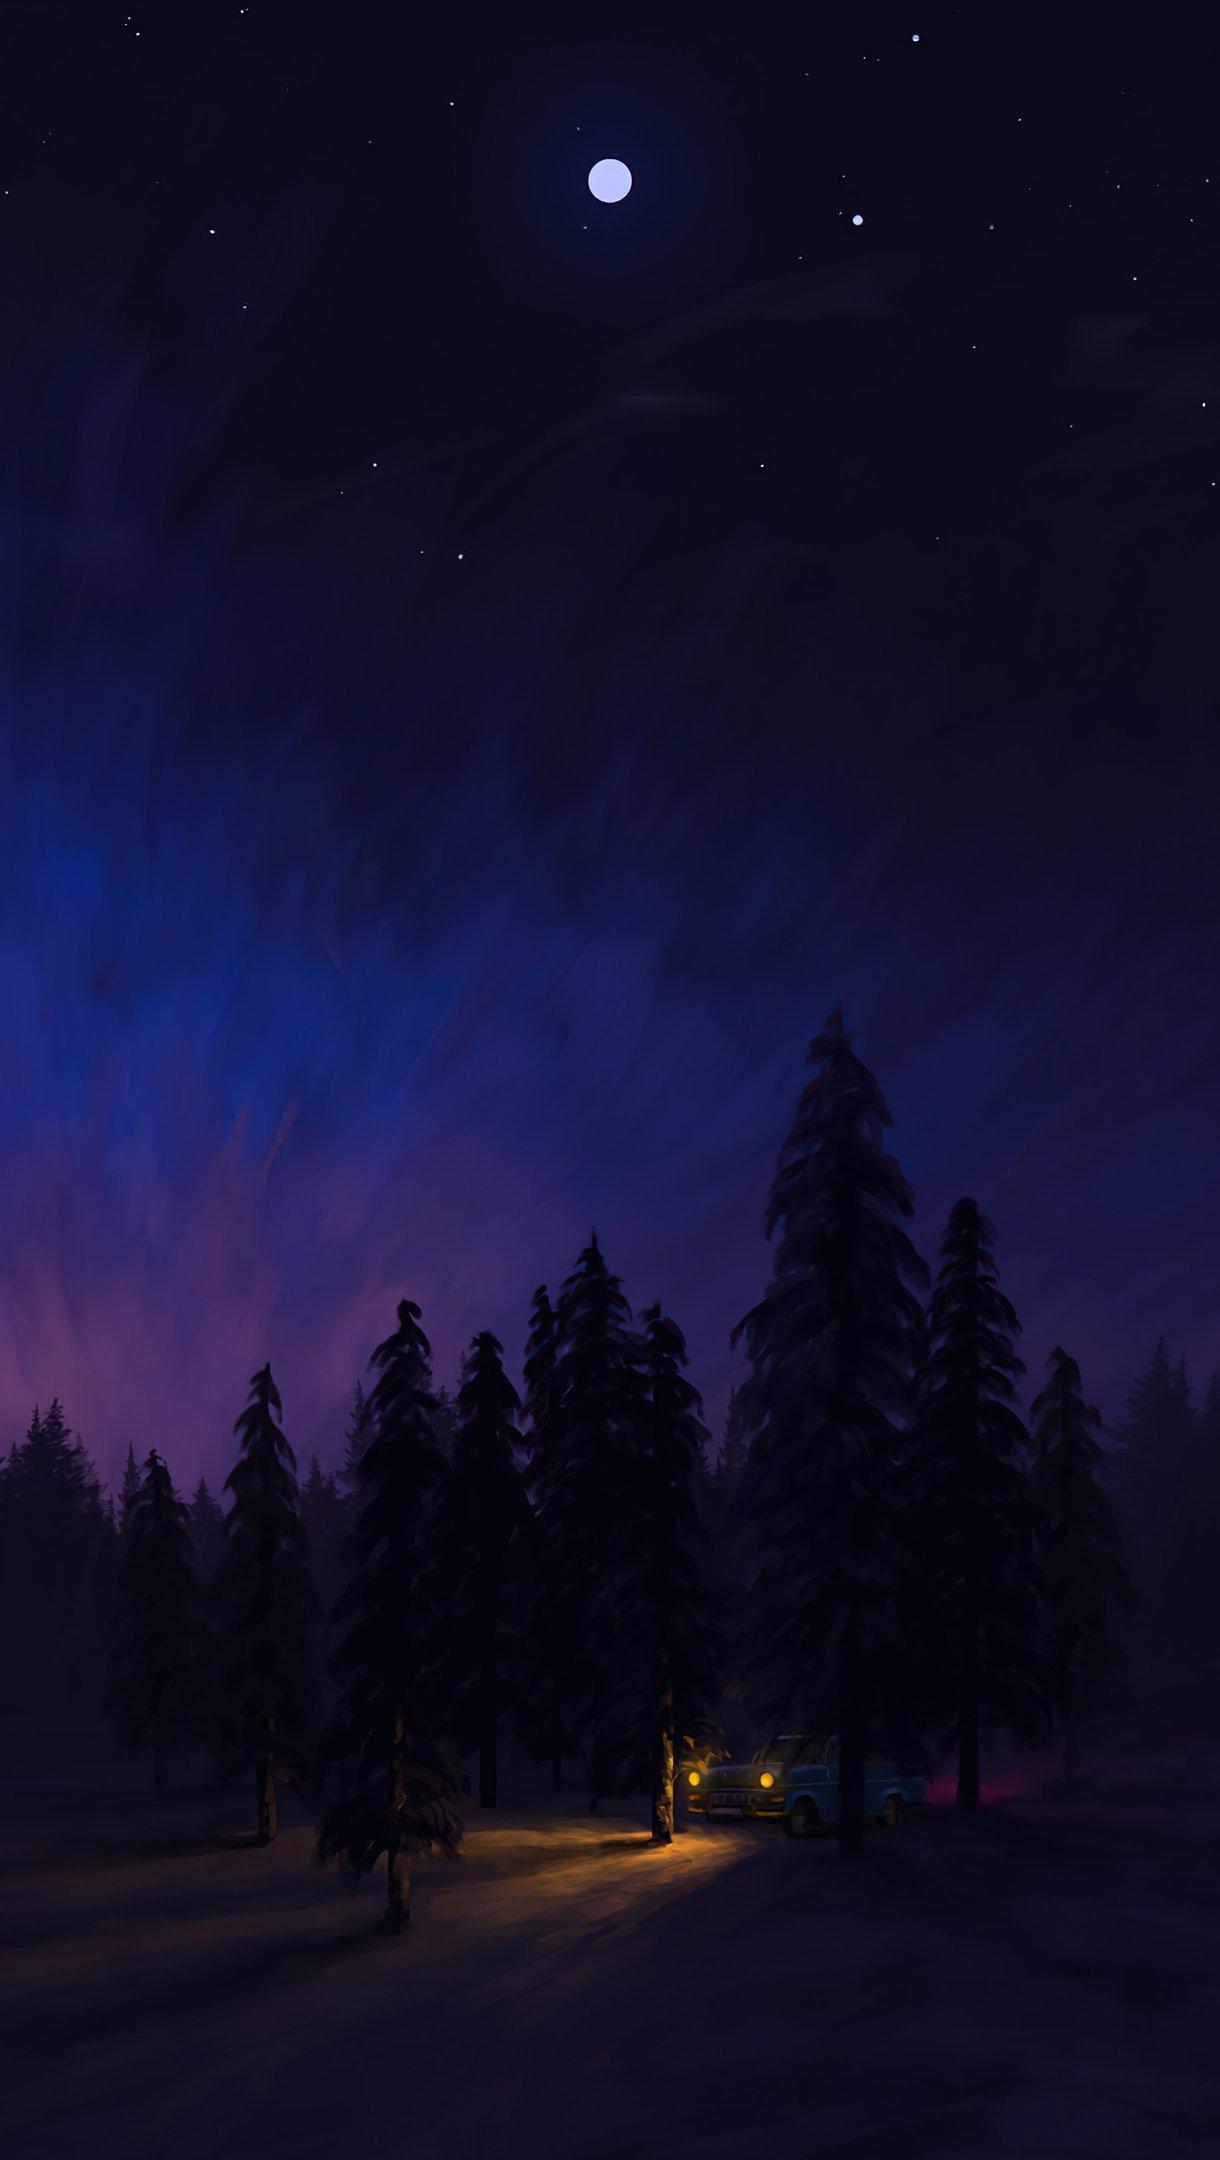 Fondos de pantalla Paisaje nocturno en el bosque Arte digital Vertical